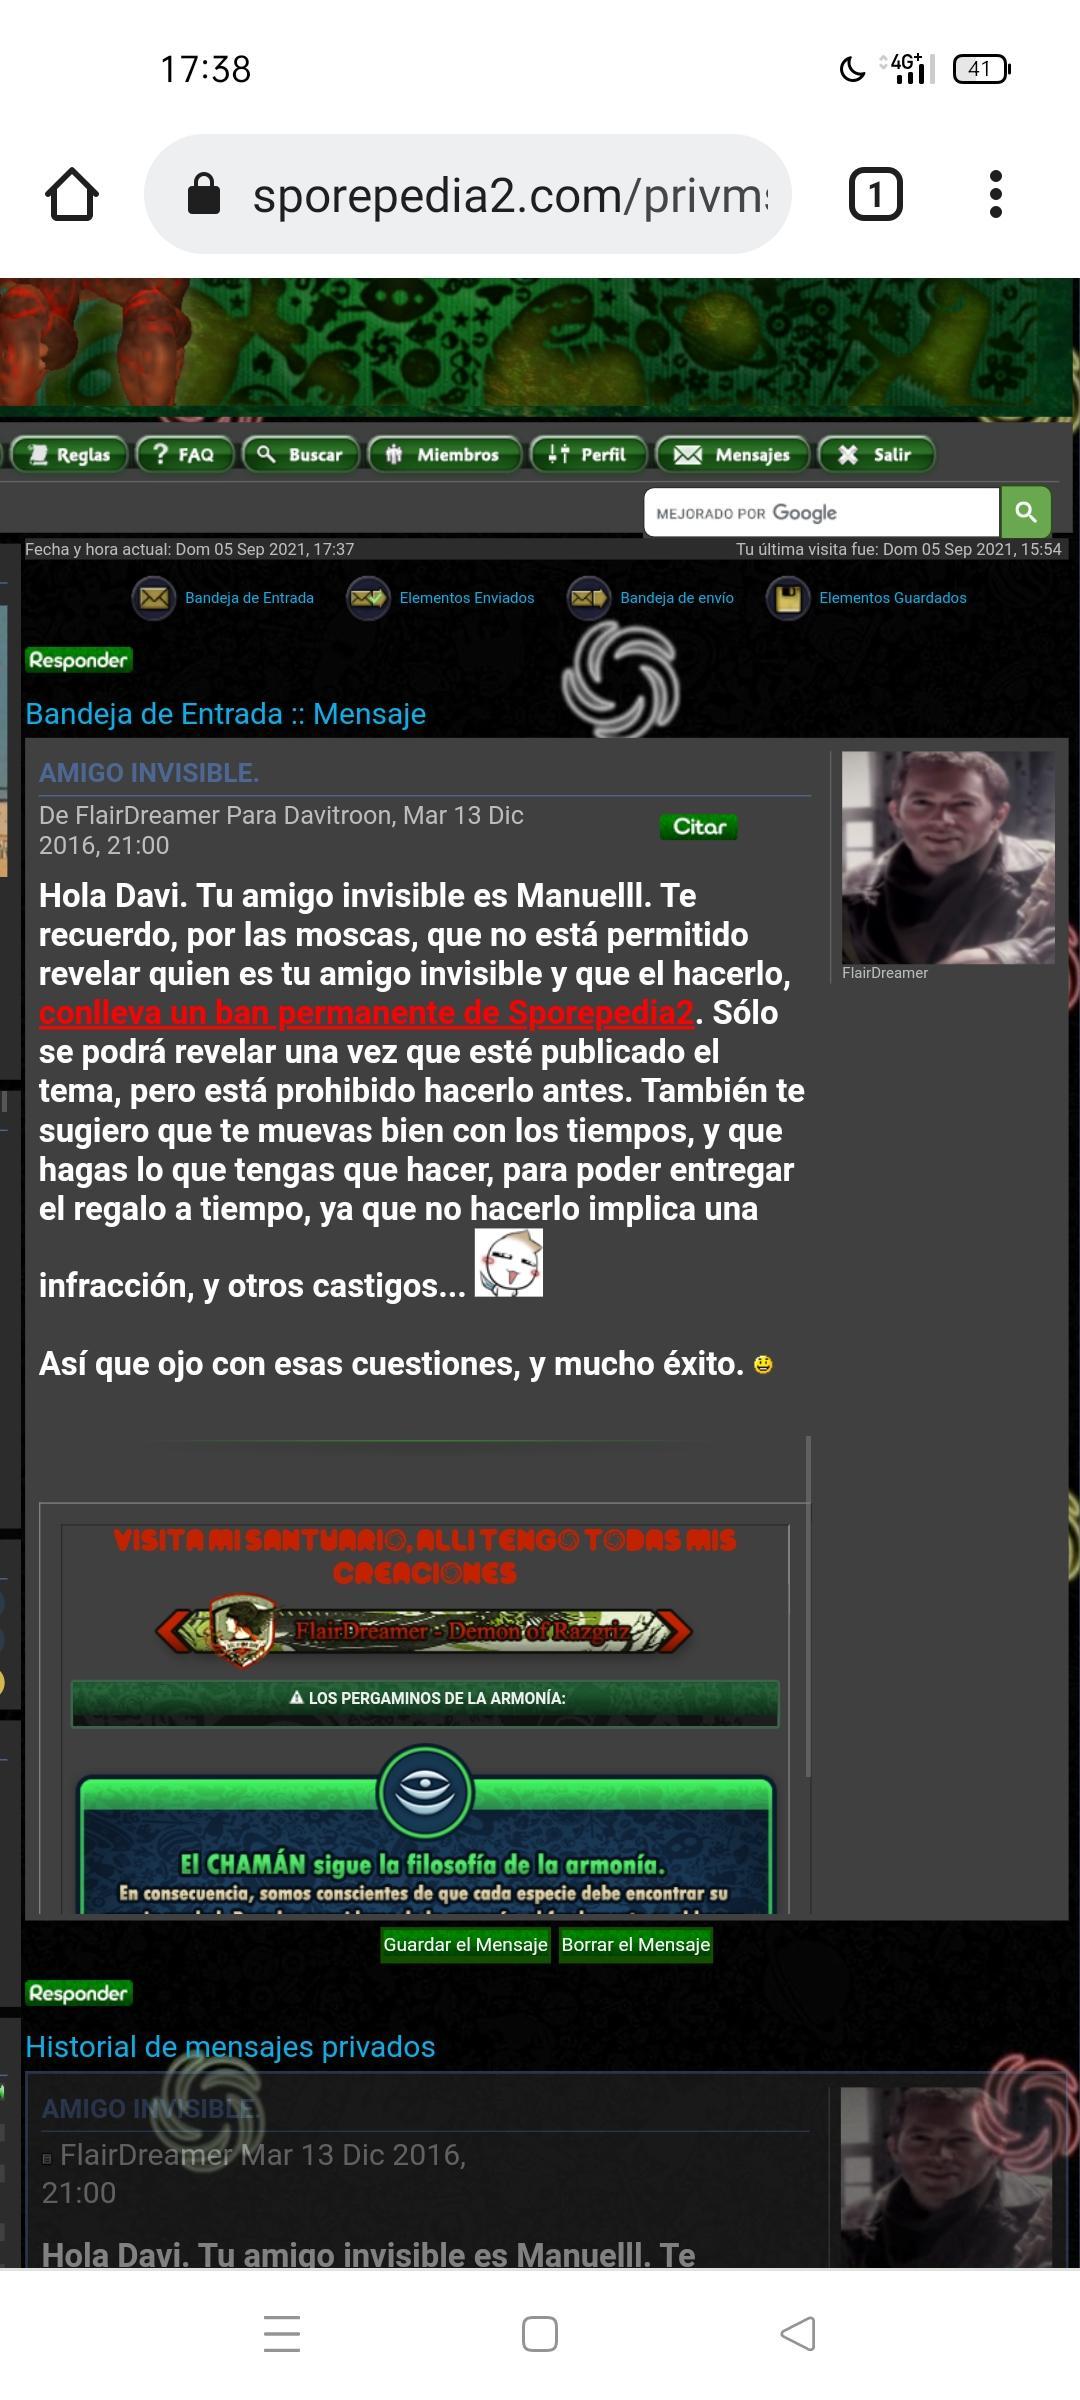 El Retorno del Soñador Screenshot_2021-09-05-17-38-12-16_40deb401b9ffe8e1df2f1cc5ba480b12